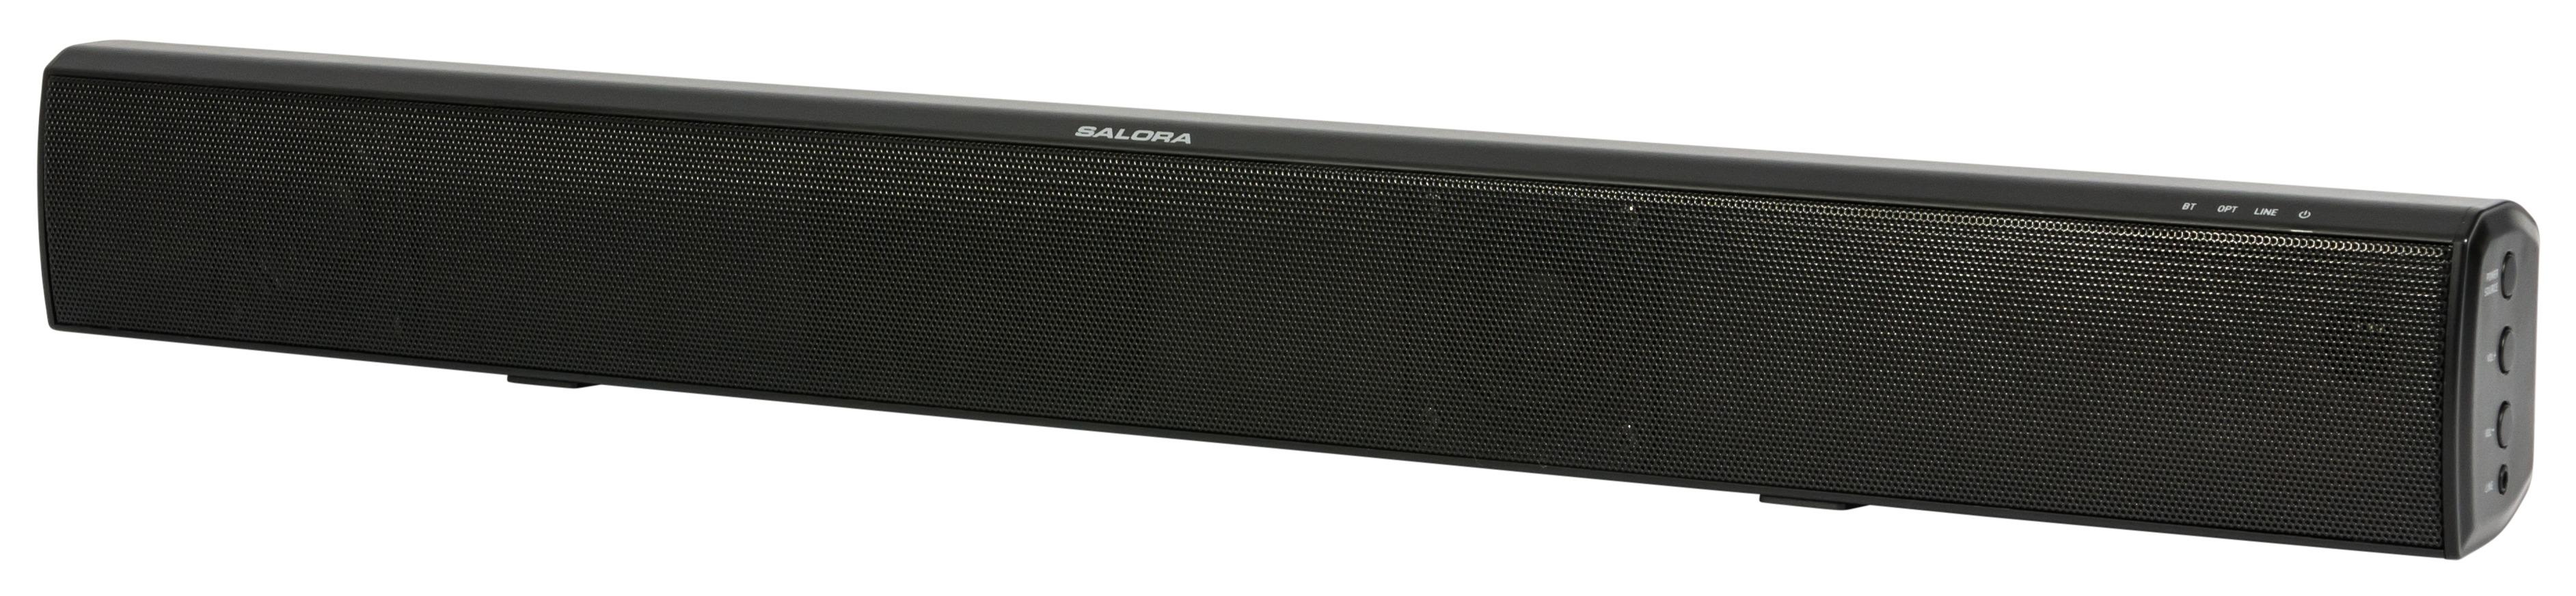 Salora soundbar SBO360